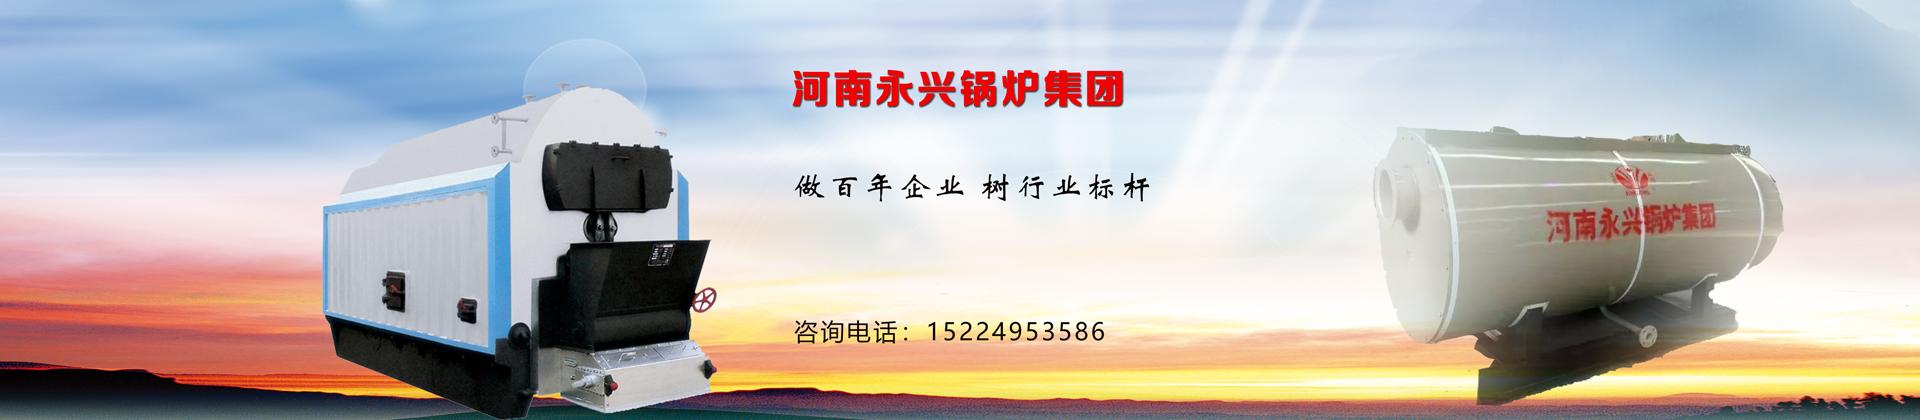 永兴ca88亚洲城网站集团